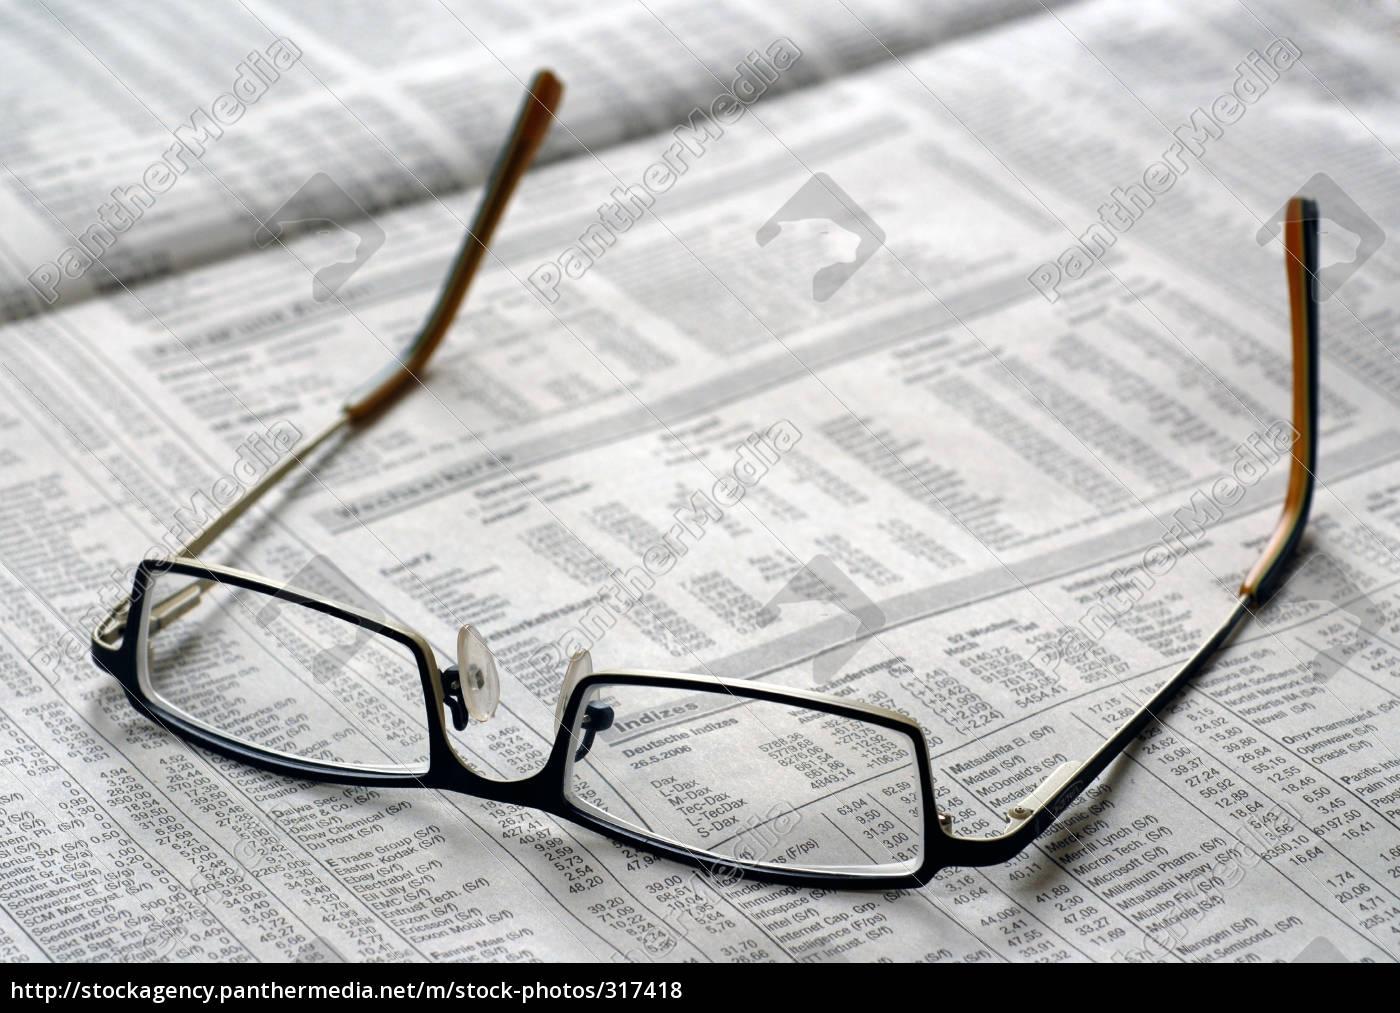 business, news - 317418